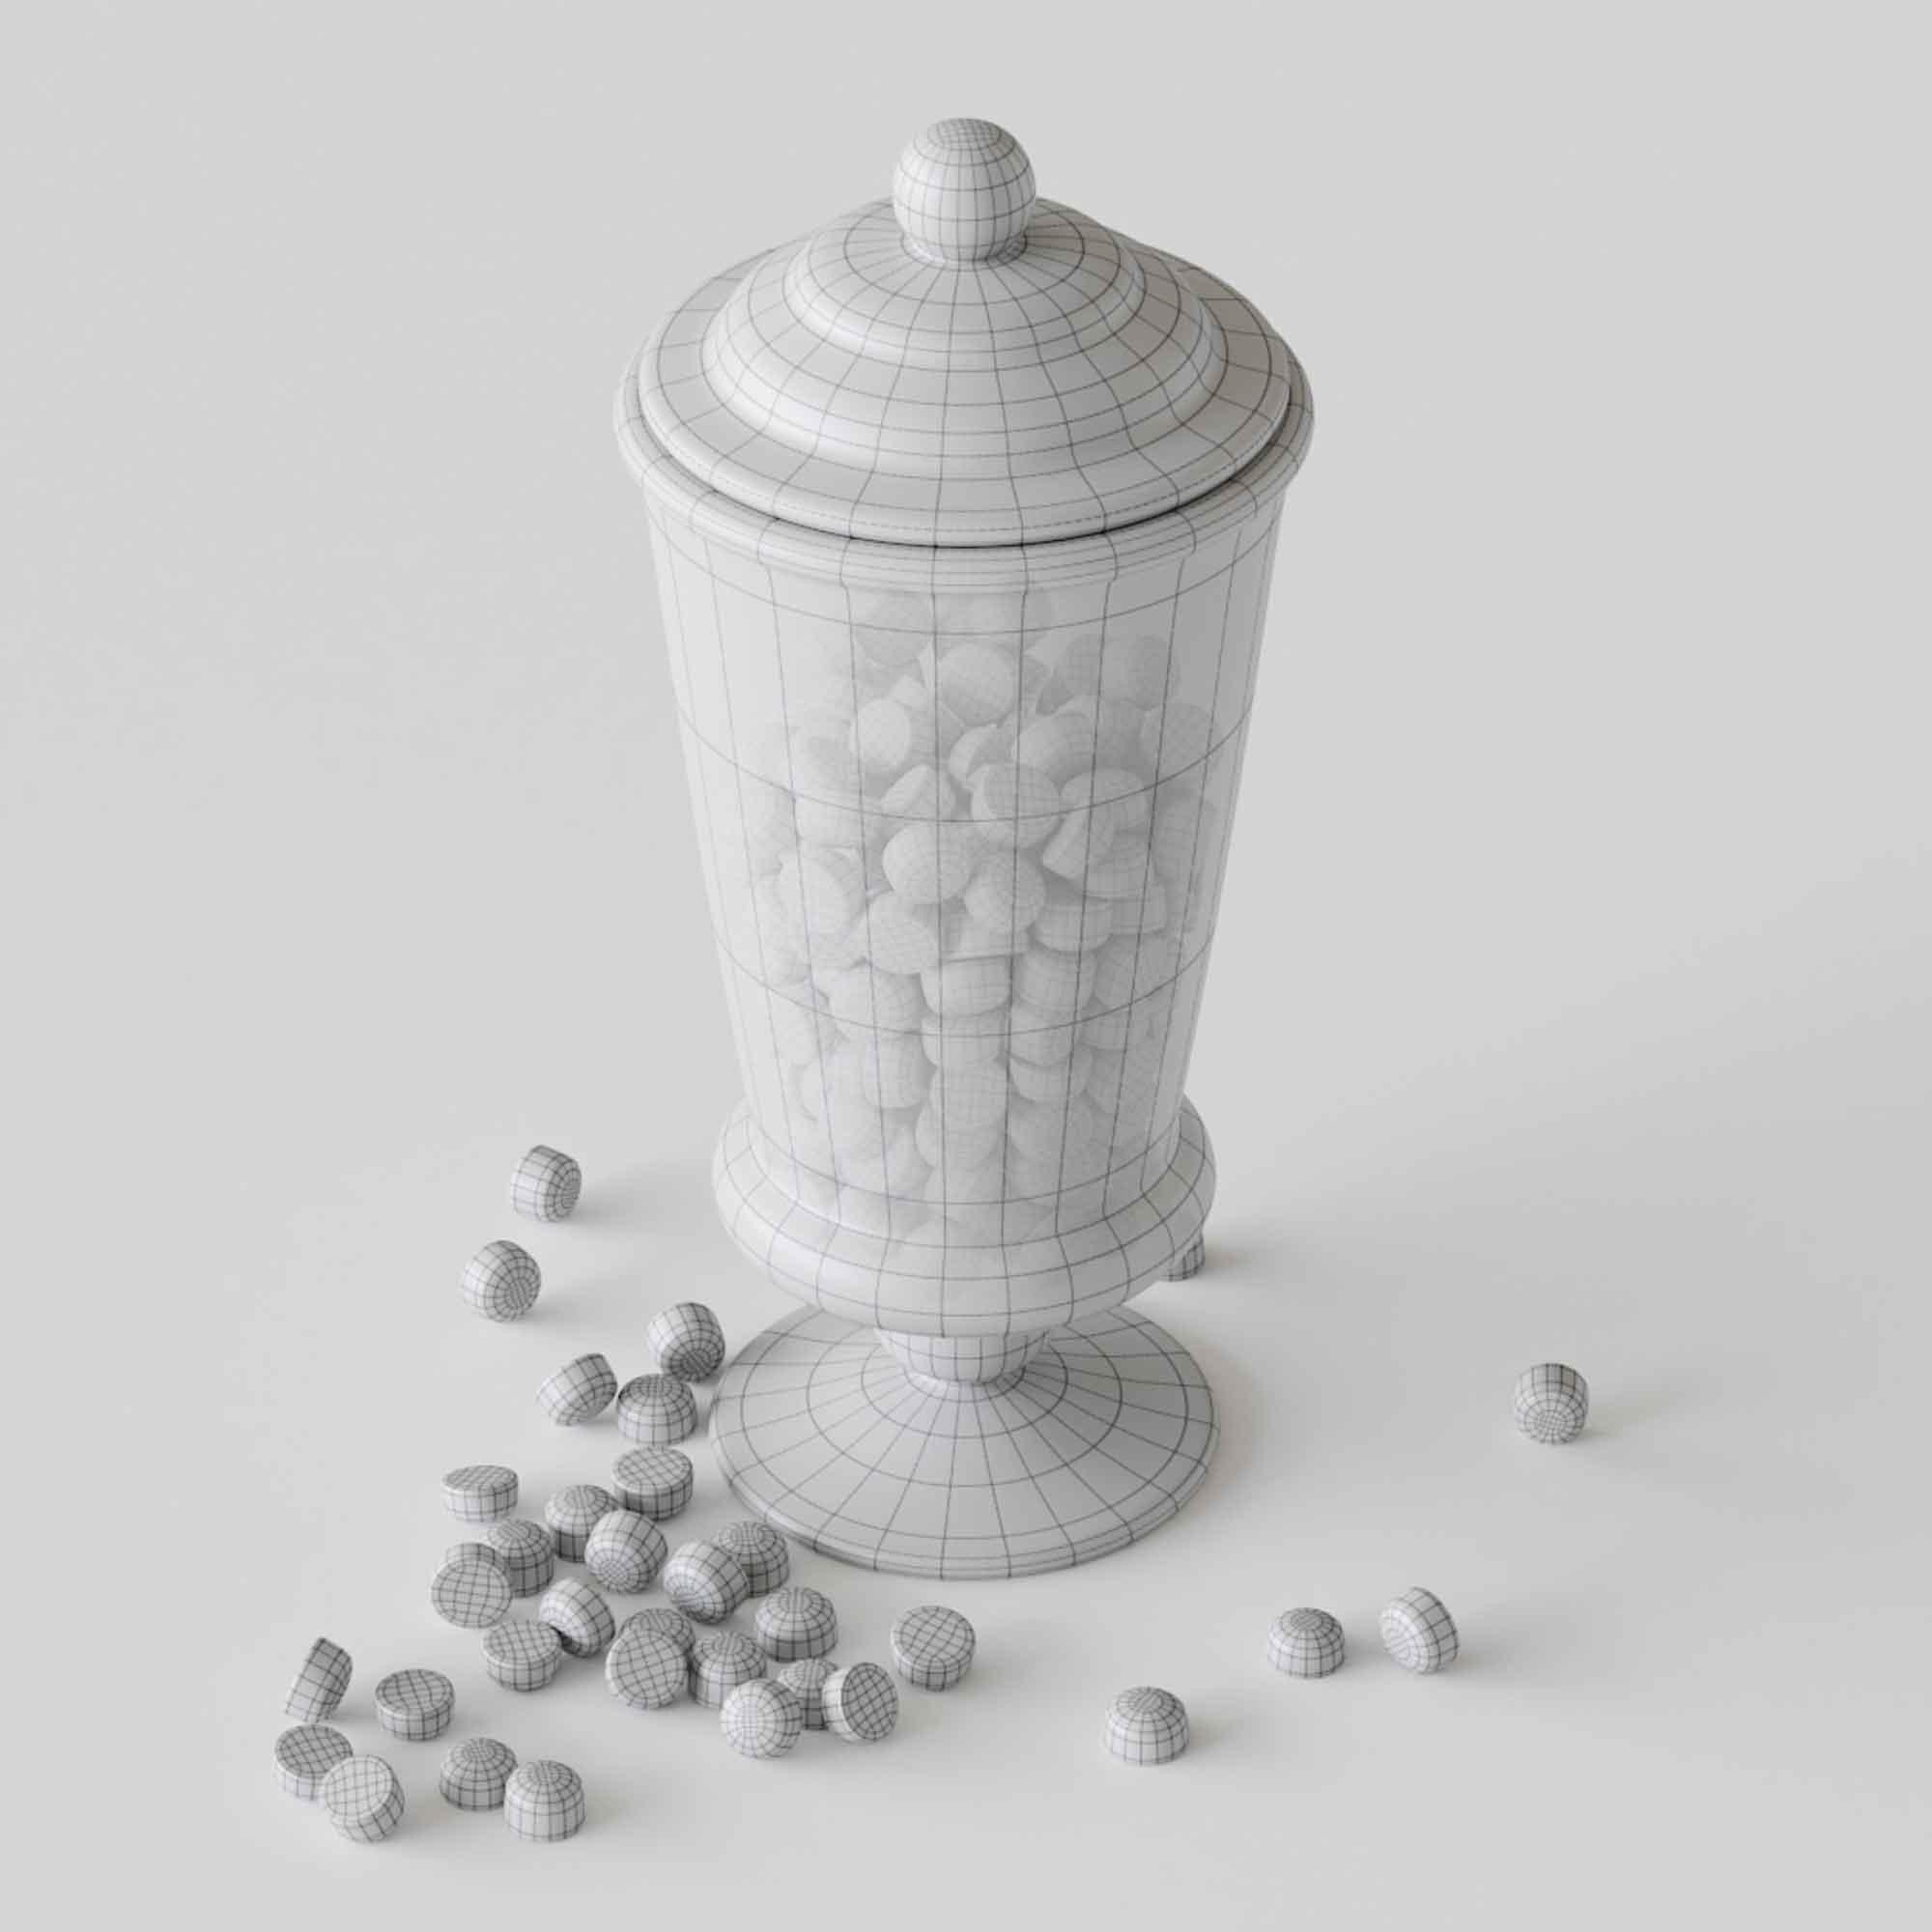 Candy in Jar 3D Model 5